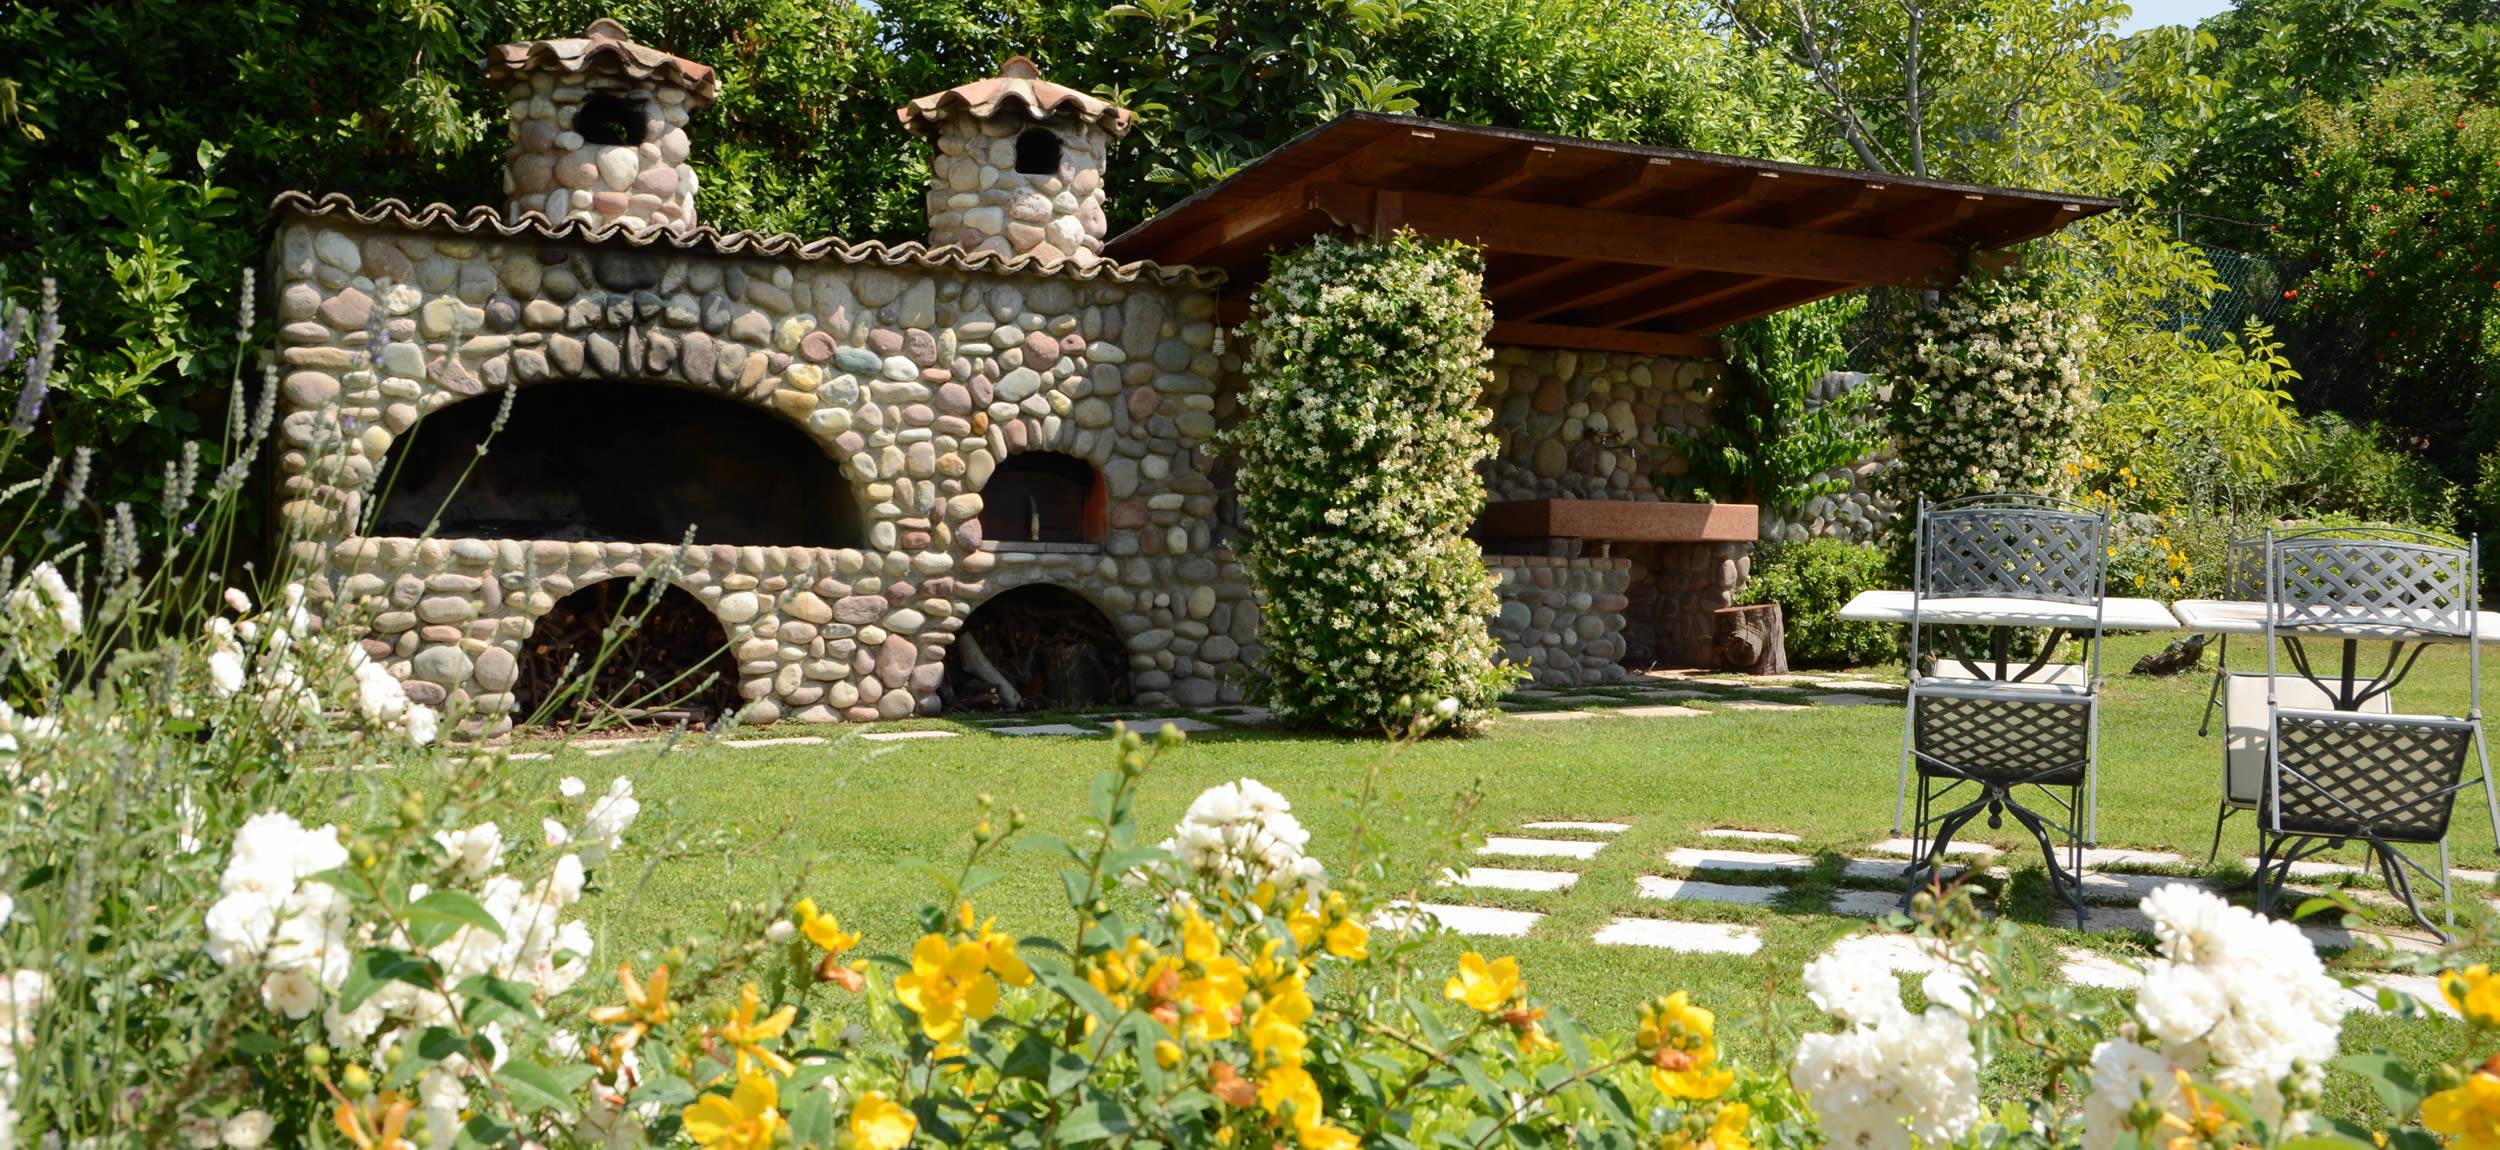 Il giardino delle viole con giardino degli ulivi lazise - Trattoria con giardino milano ...